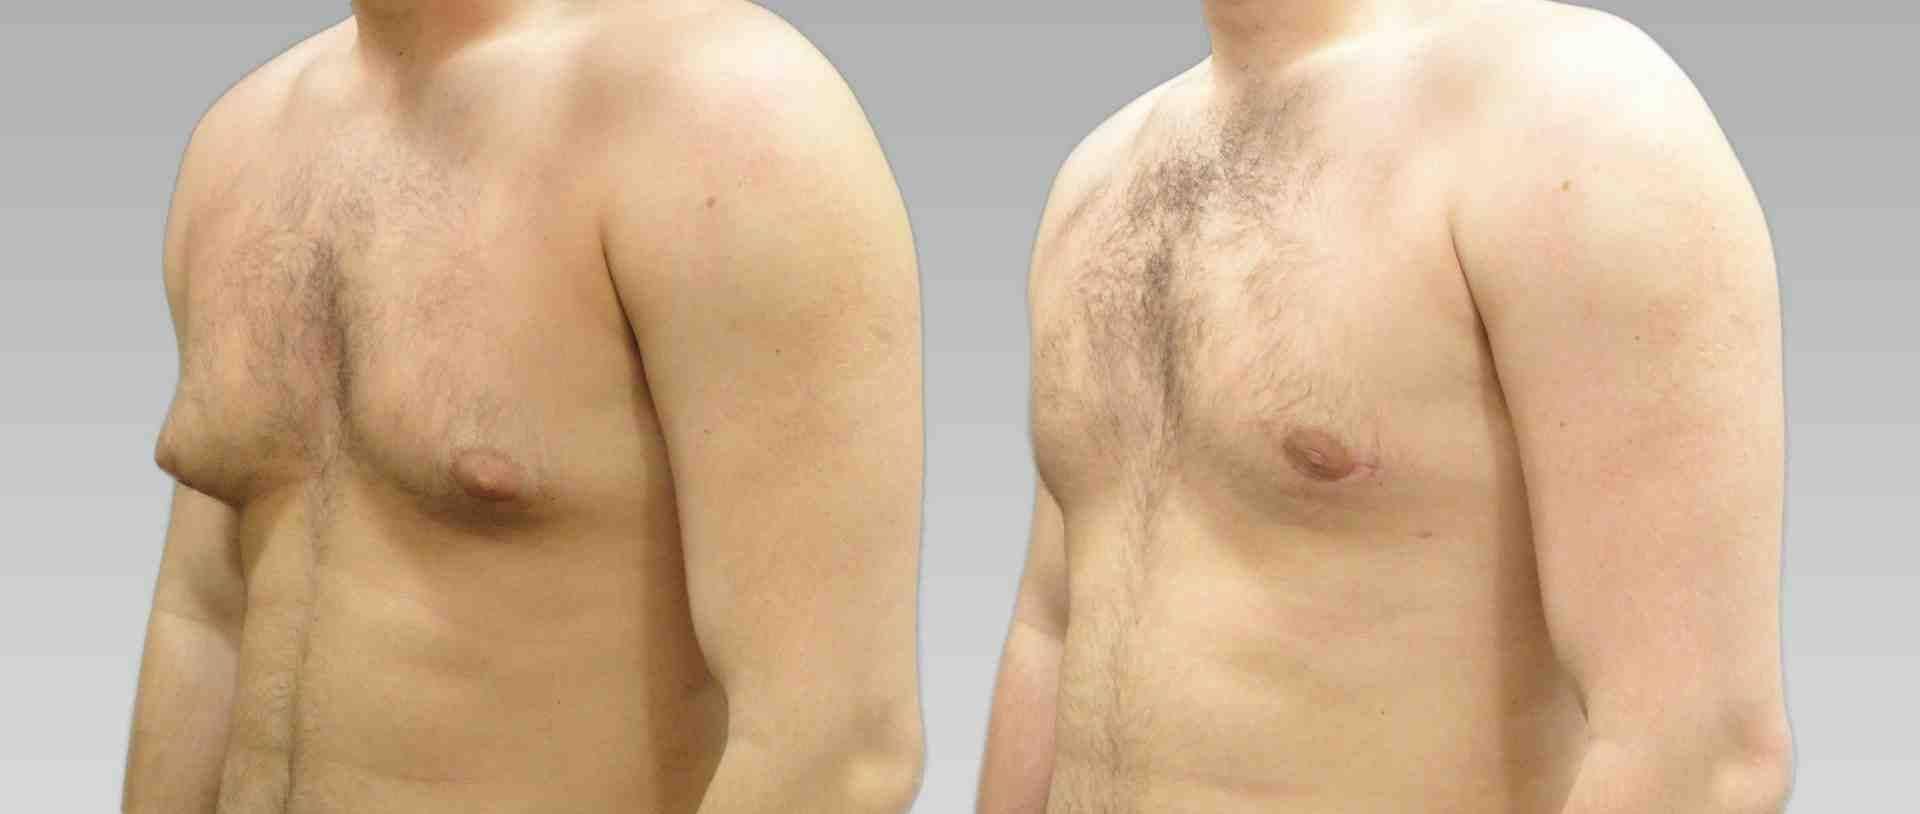 Лечение гинекомастии у мужчин – причины и последствия гинекомастии